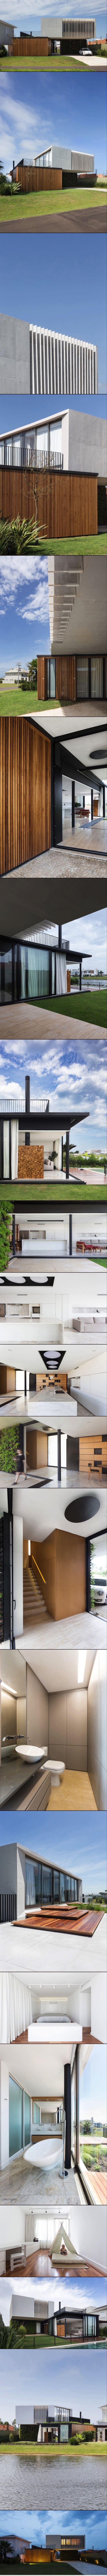 Brazilian Beach House for Weekends & Holidays - Design Milk